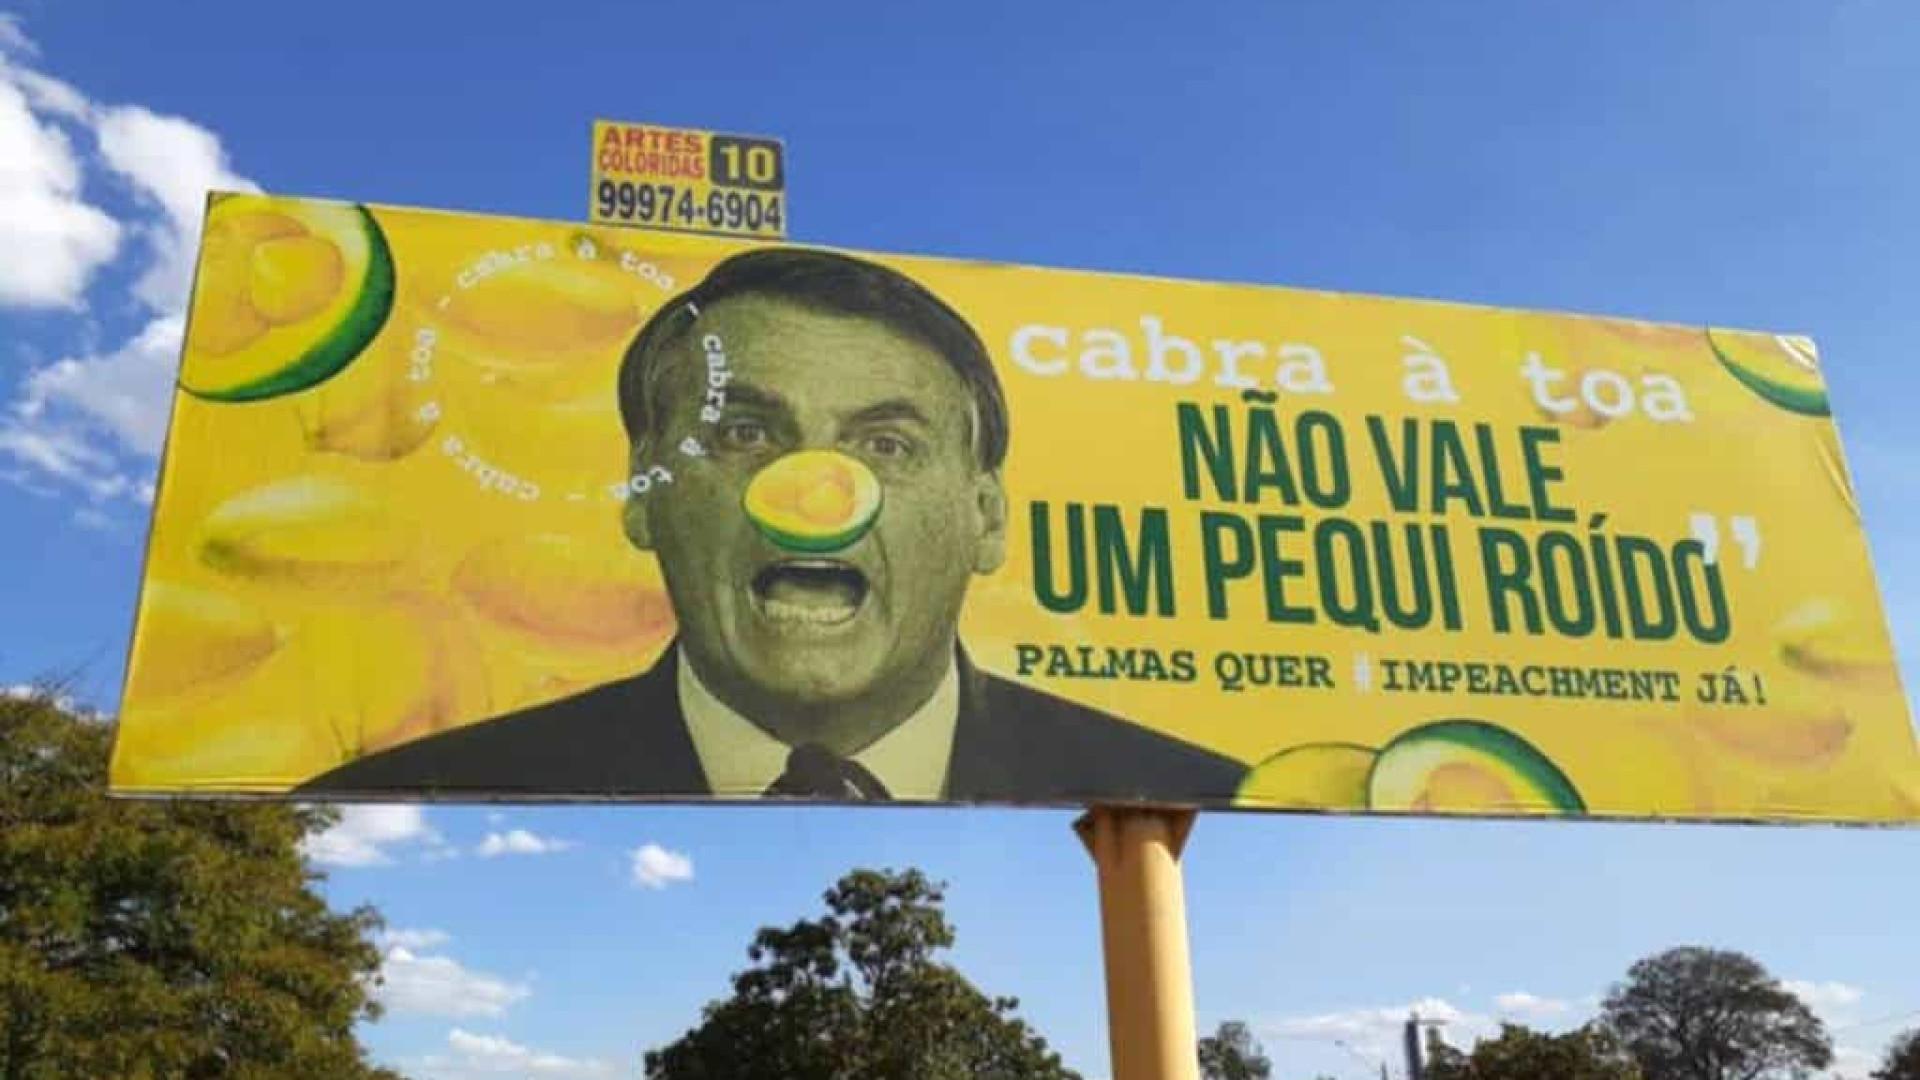 Ministro aciona a PF para investigar sociólogo que usou outdoors para criticar Bolsonaro